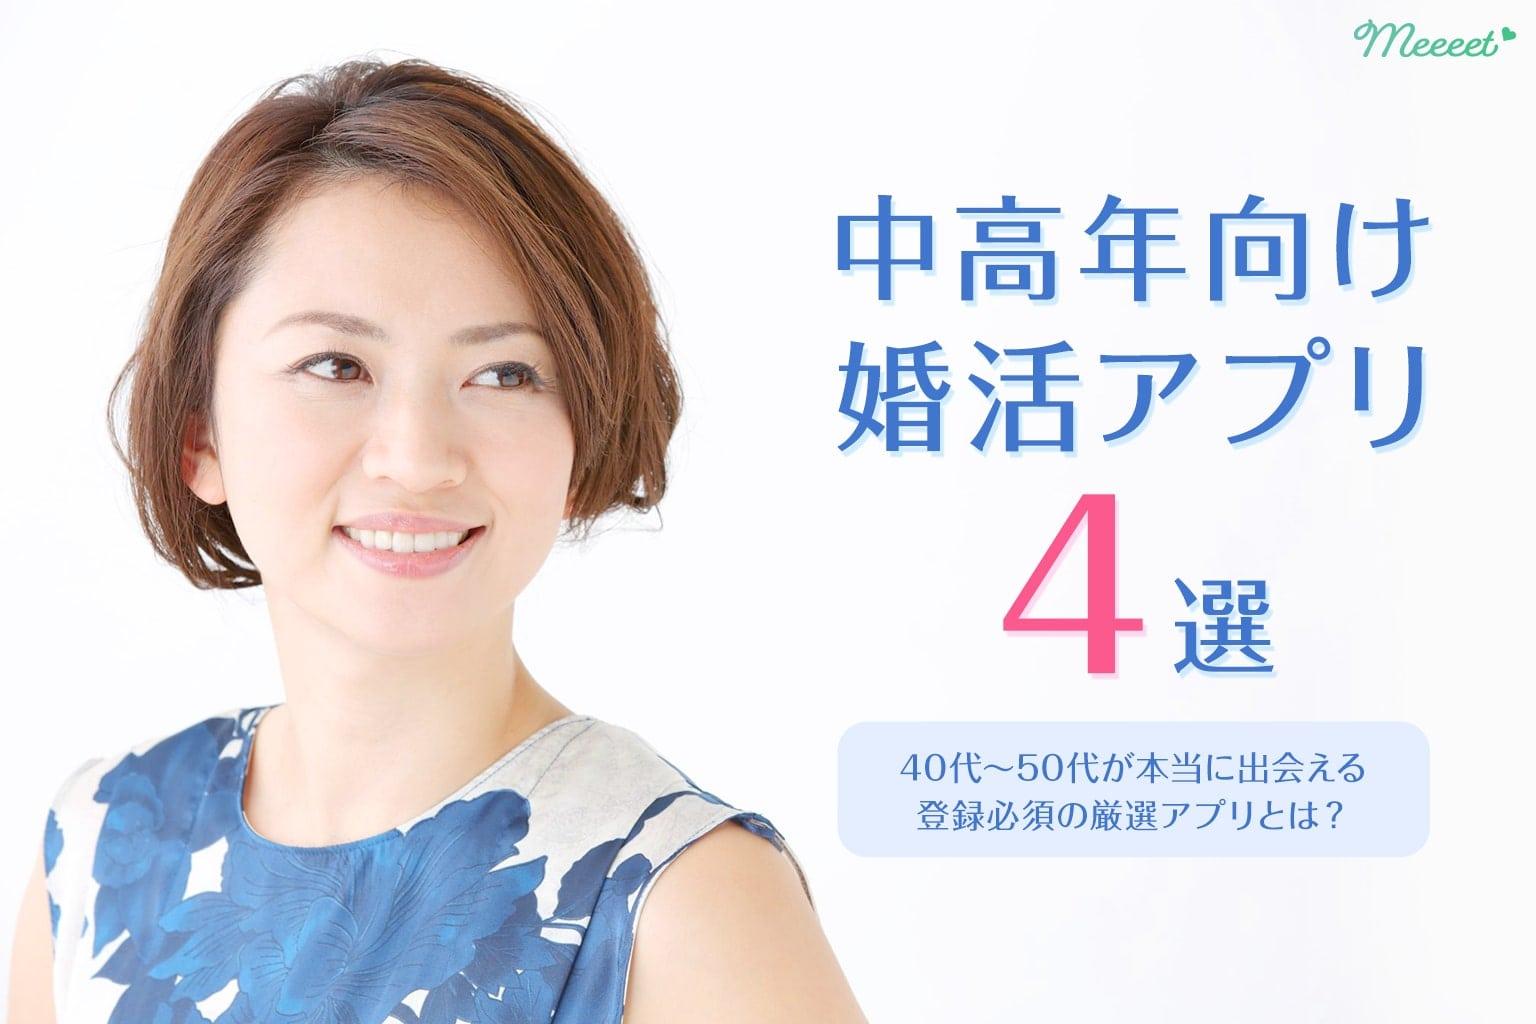 中高年(40代〜50代)向け婚活アプリ4選